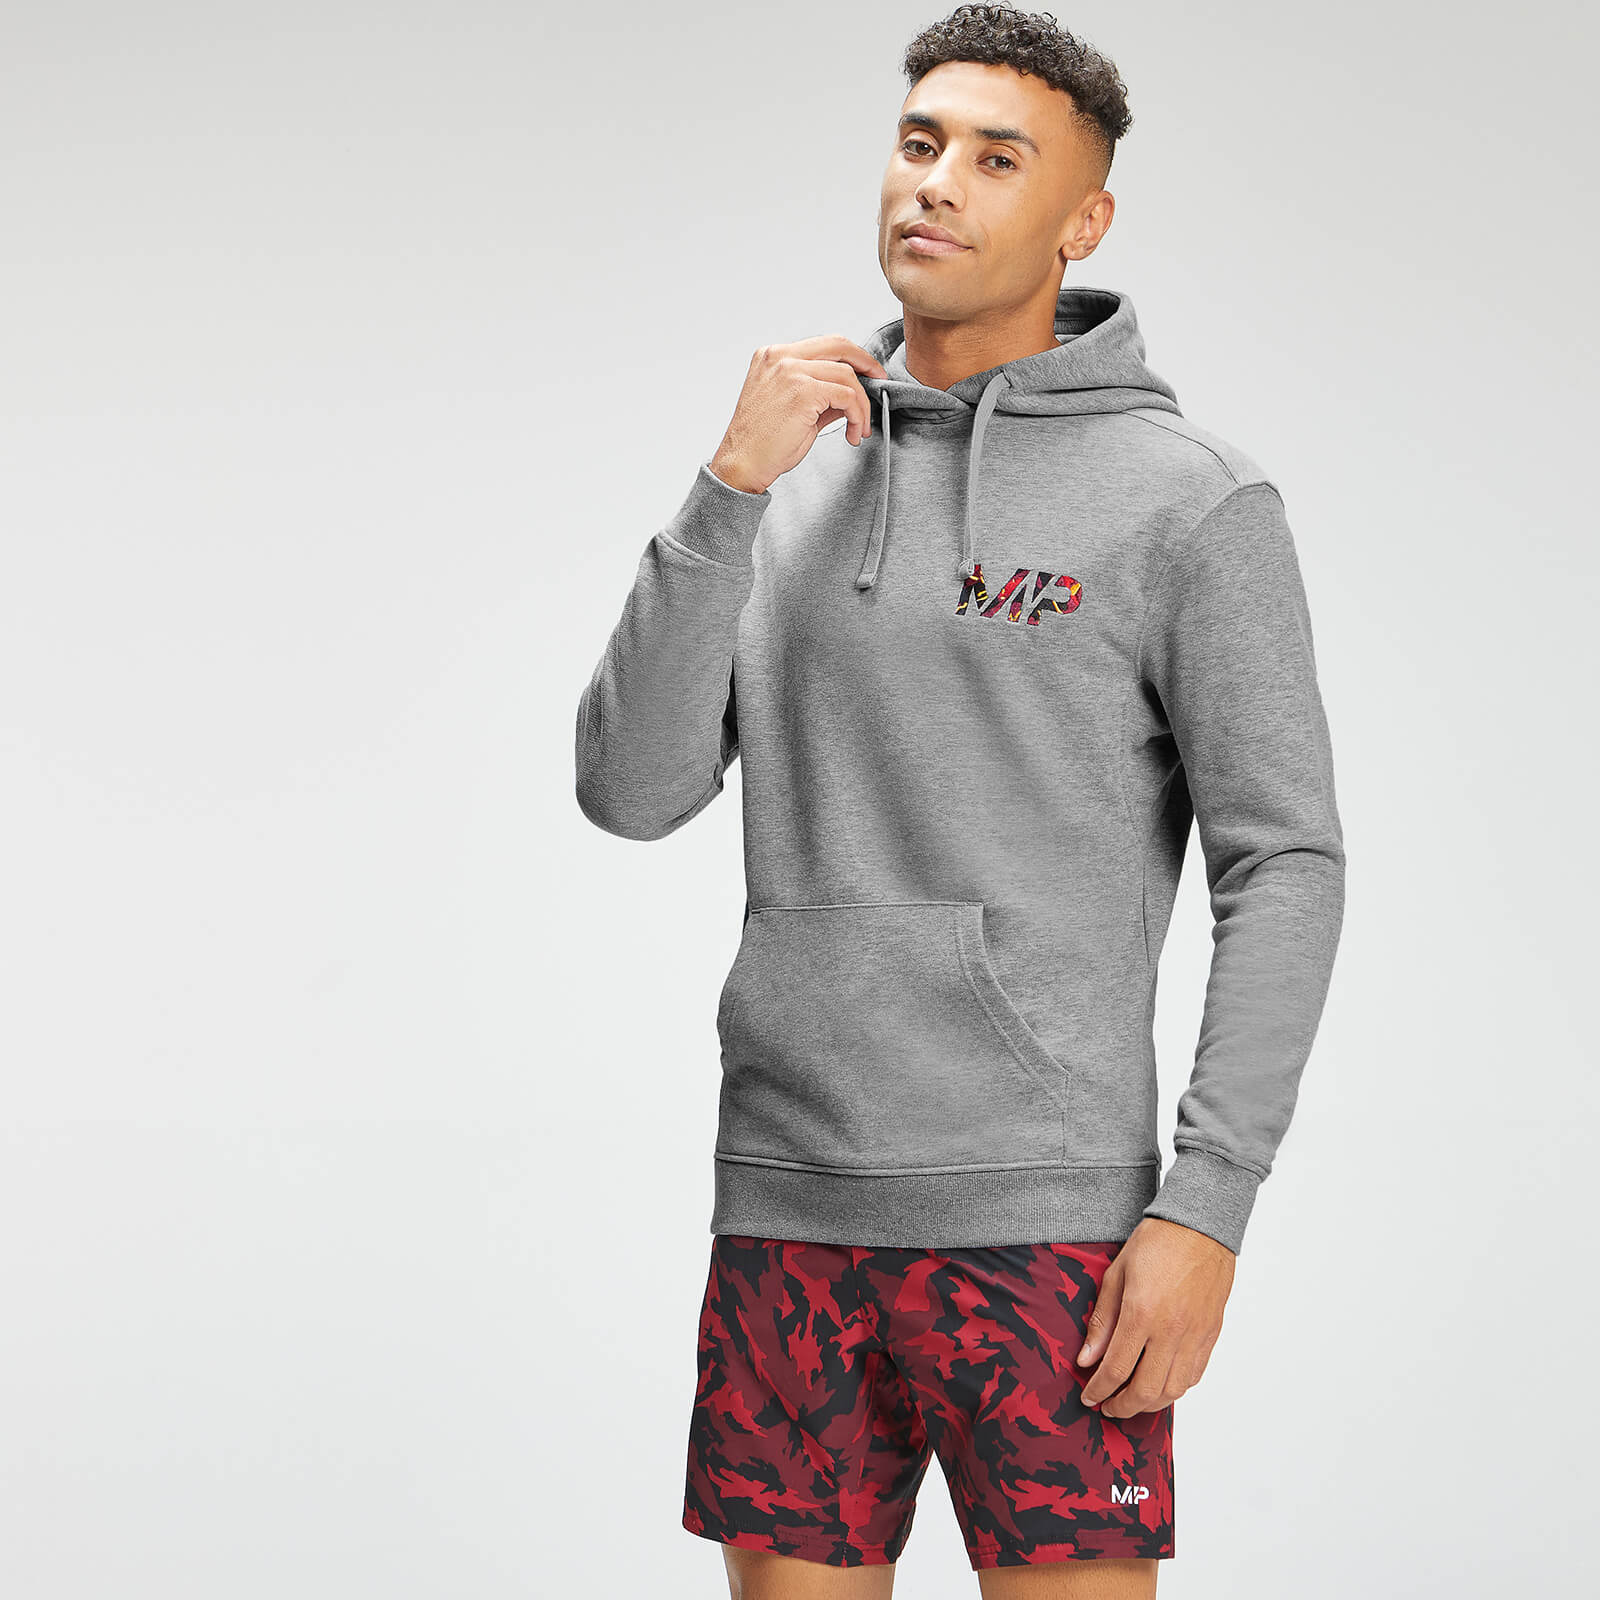 Купить MP Men's Adapt Embroidered Hoodie | Storm Grey Marl | MP - XXL, Myprotein International